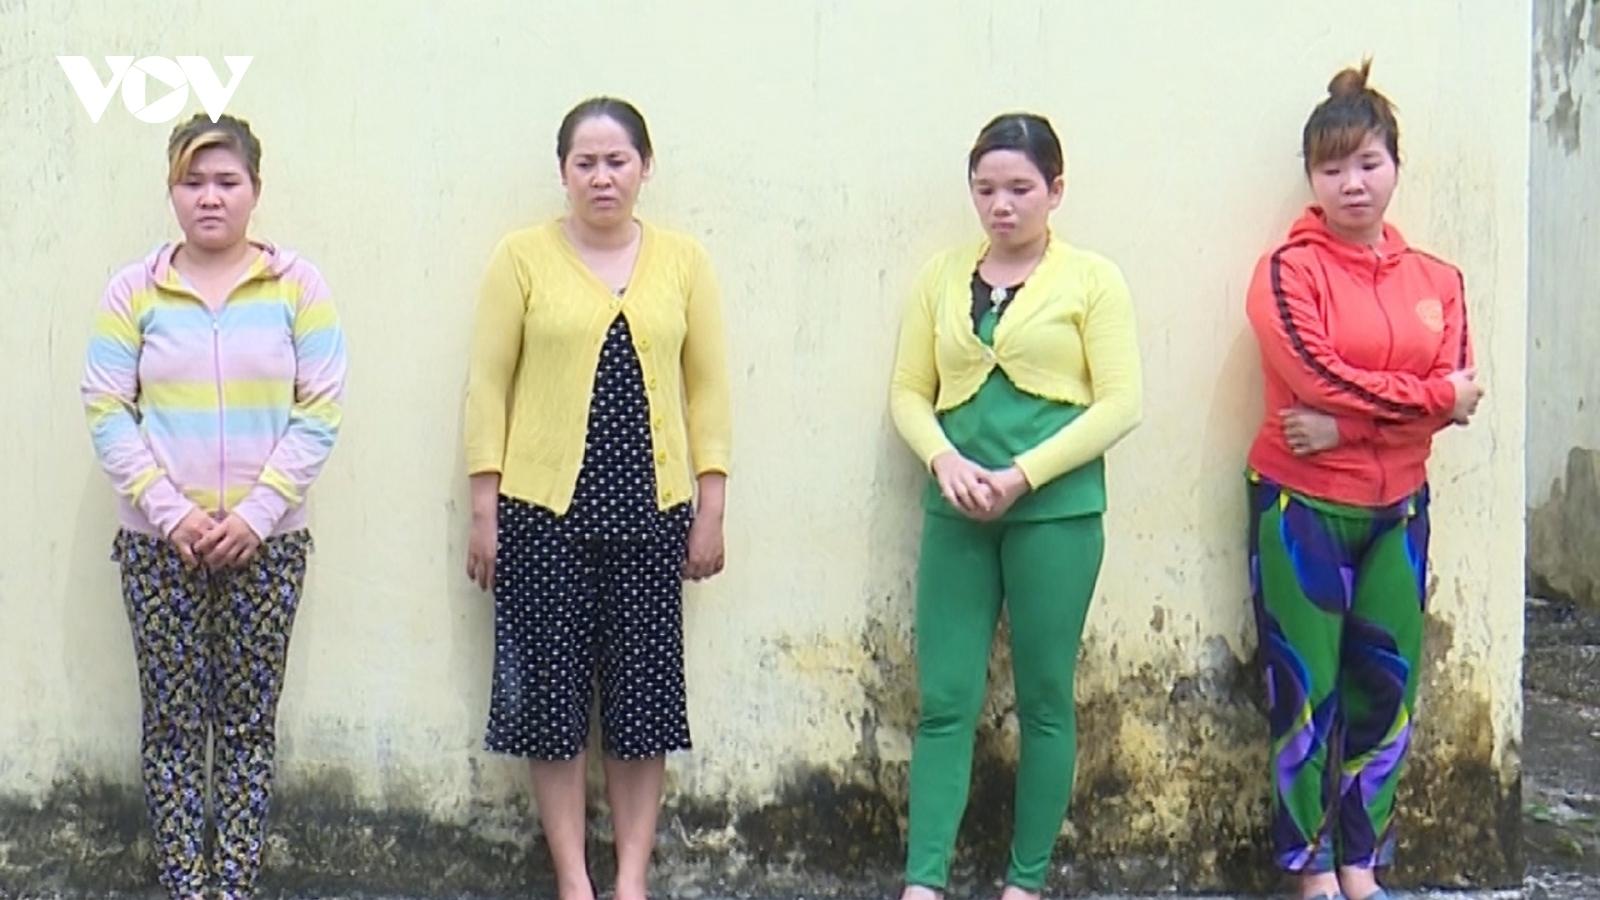 Đánh ghen cho con dâu: Bố mẹ chồng bắt giữ người trái pháp luật